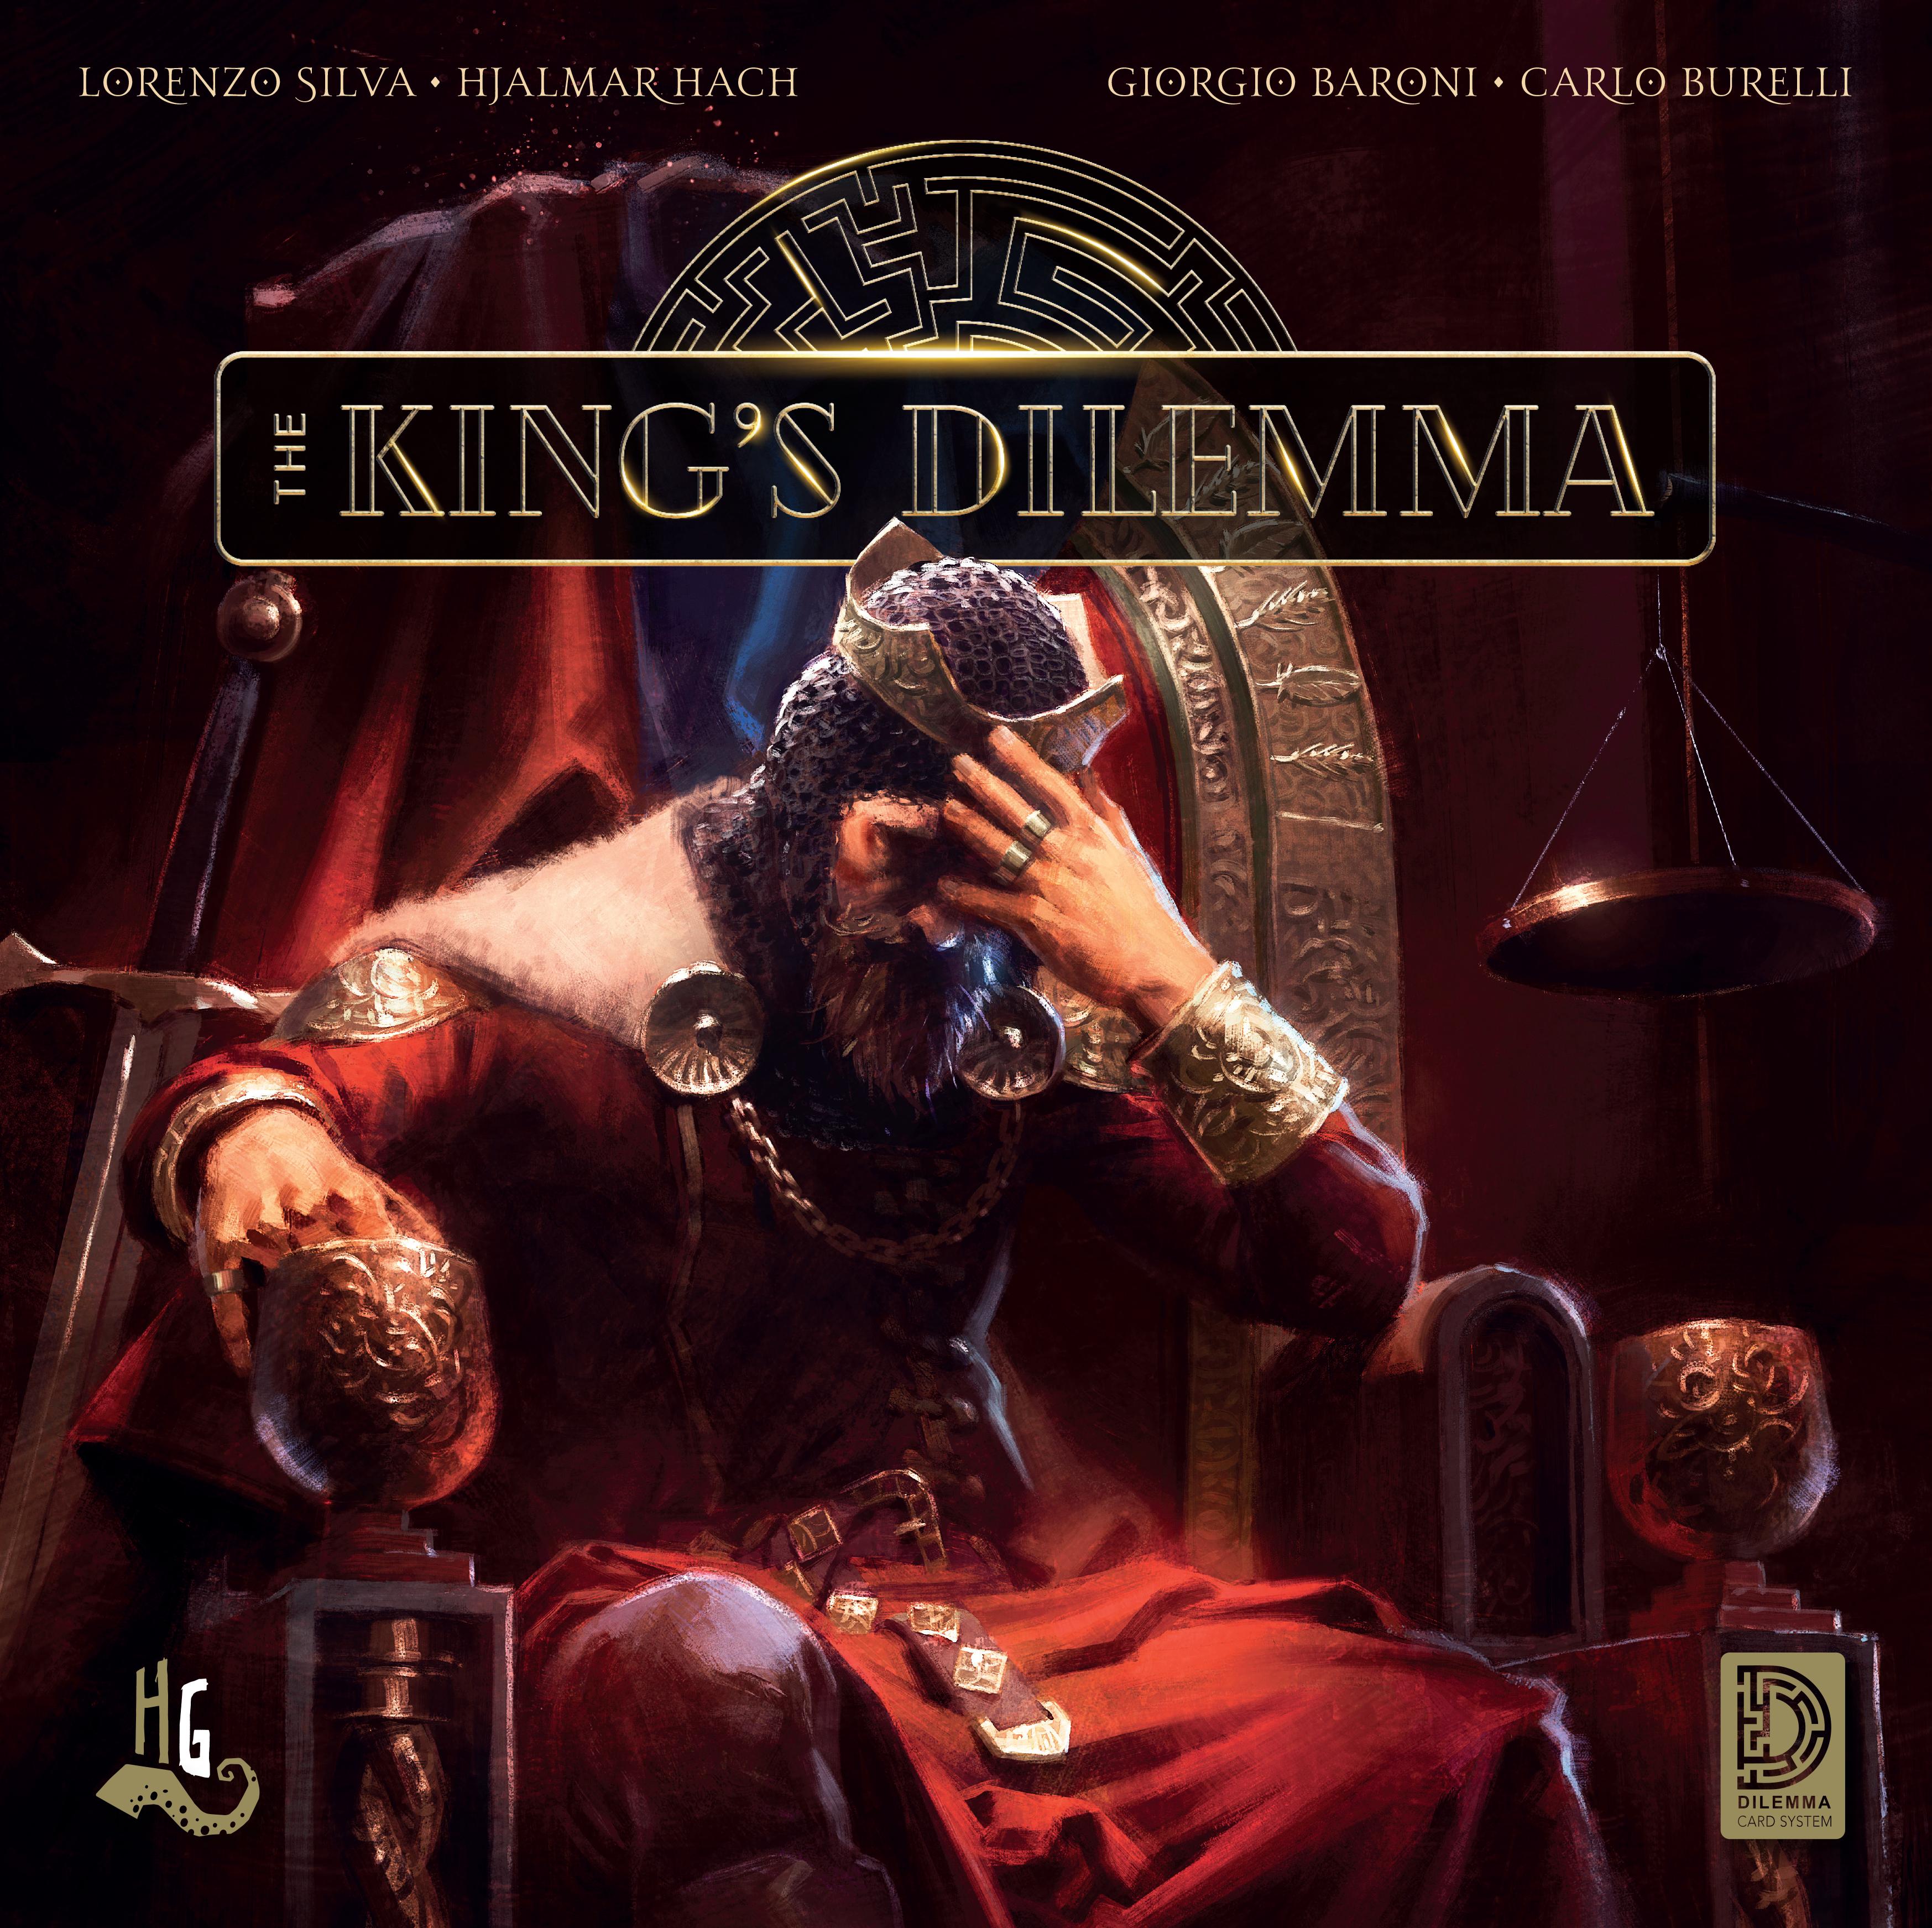 The Kings Dilemma Cover - HeidelBär Games, Horrible Games